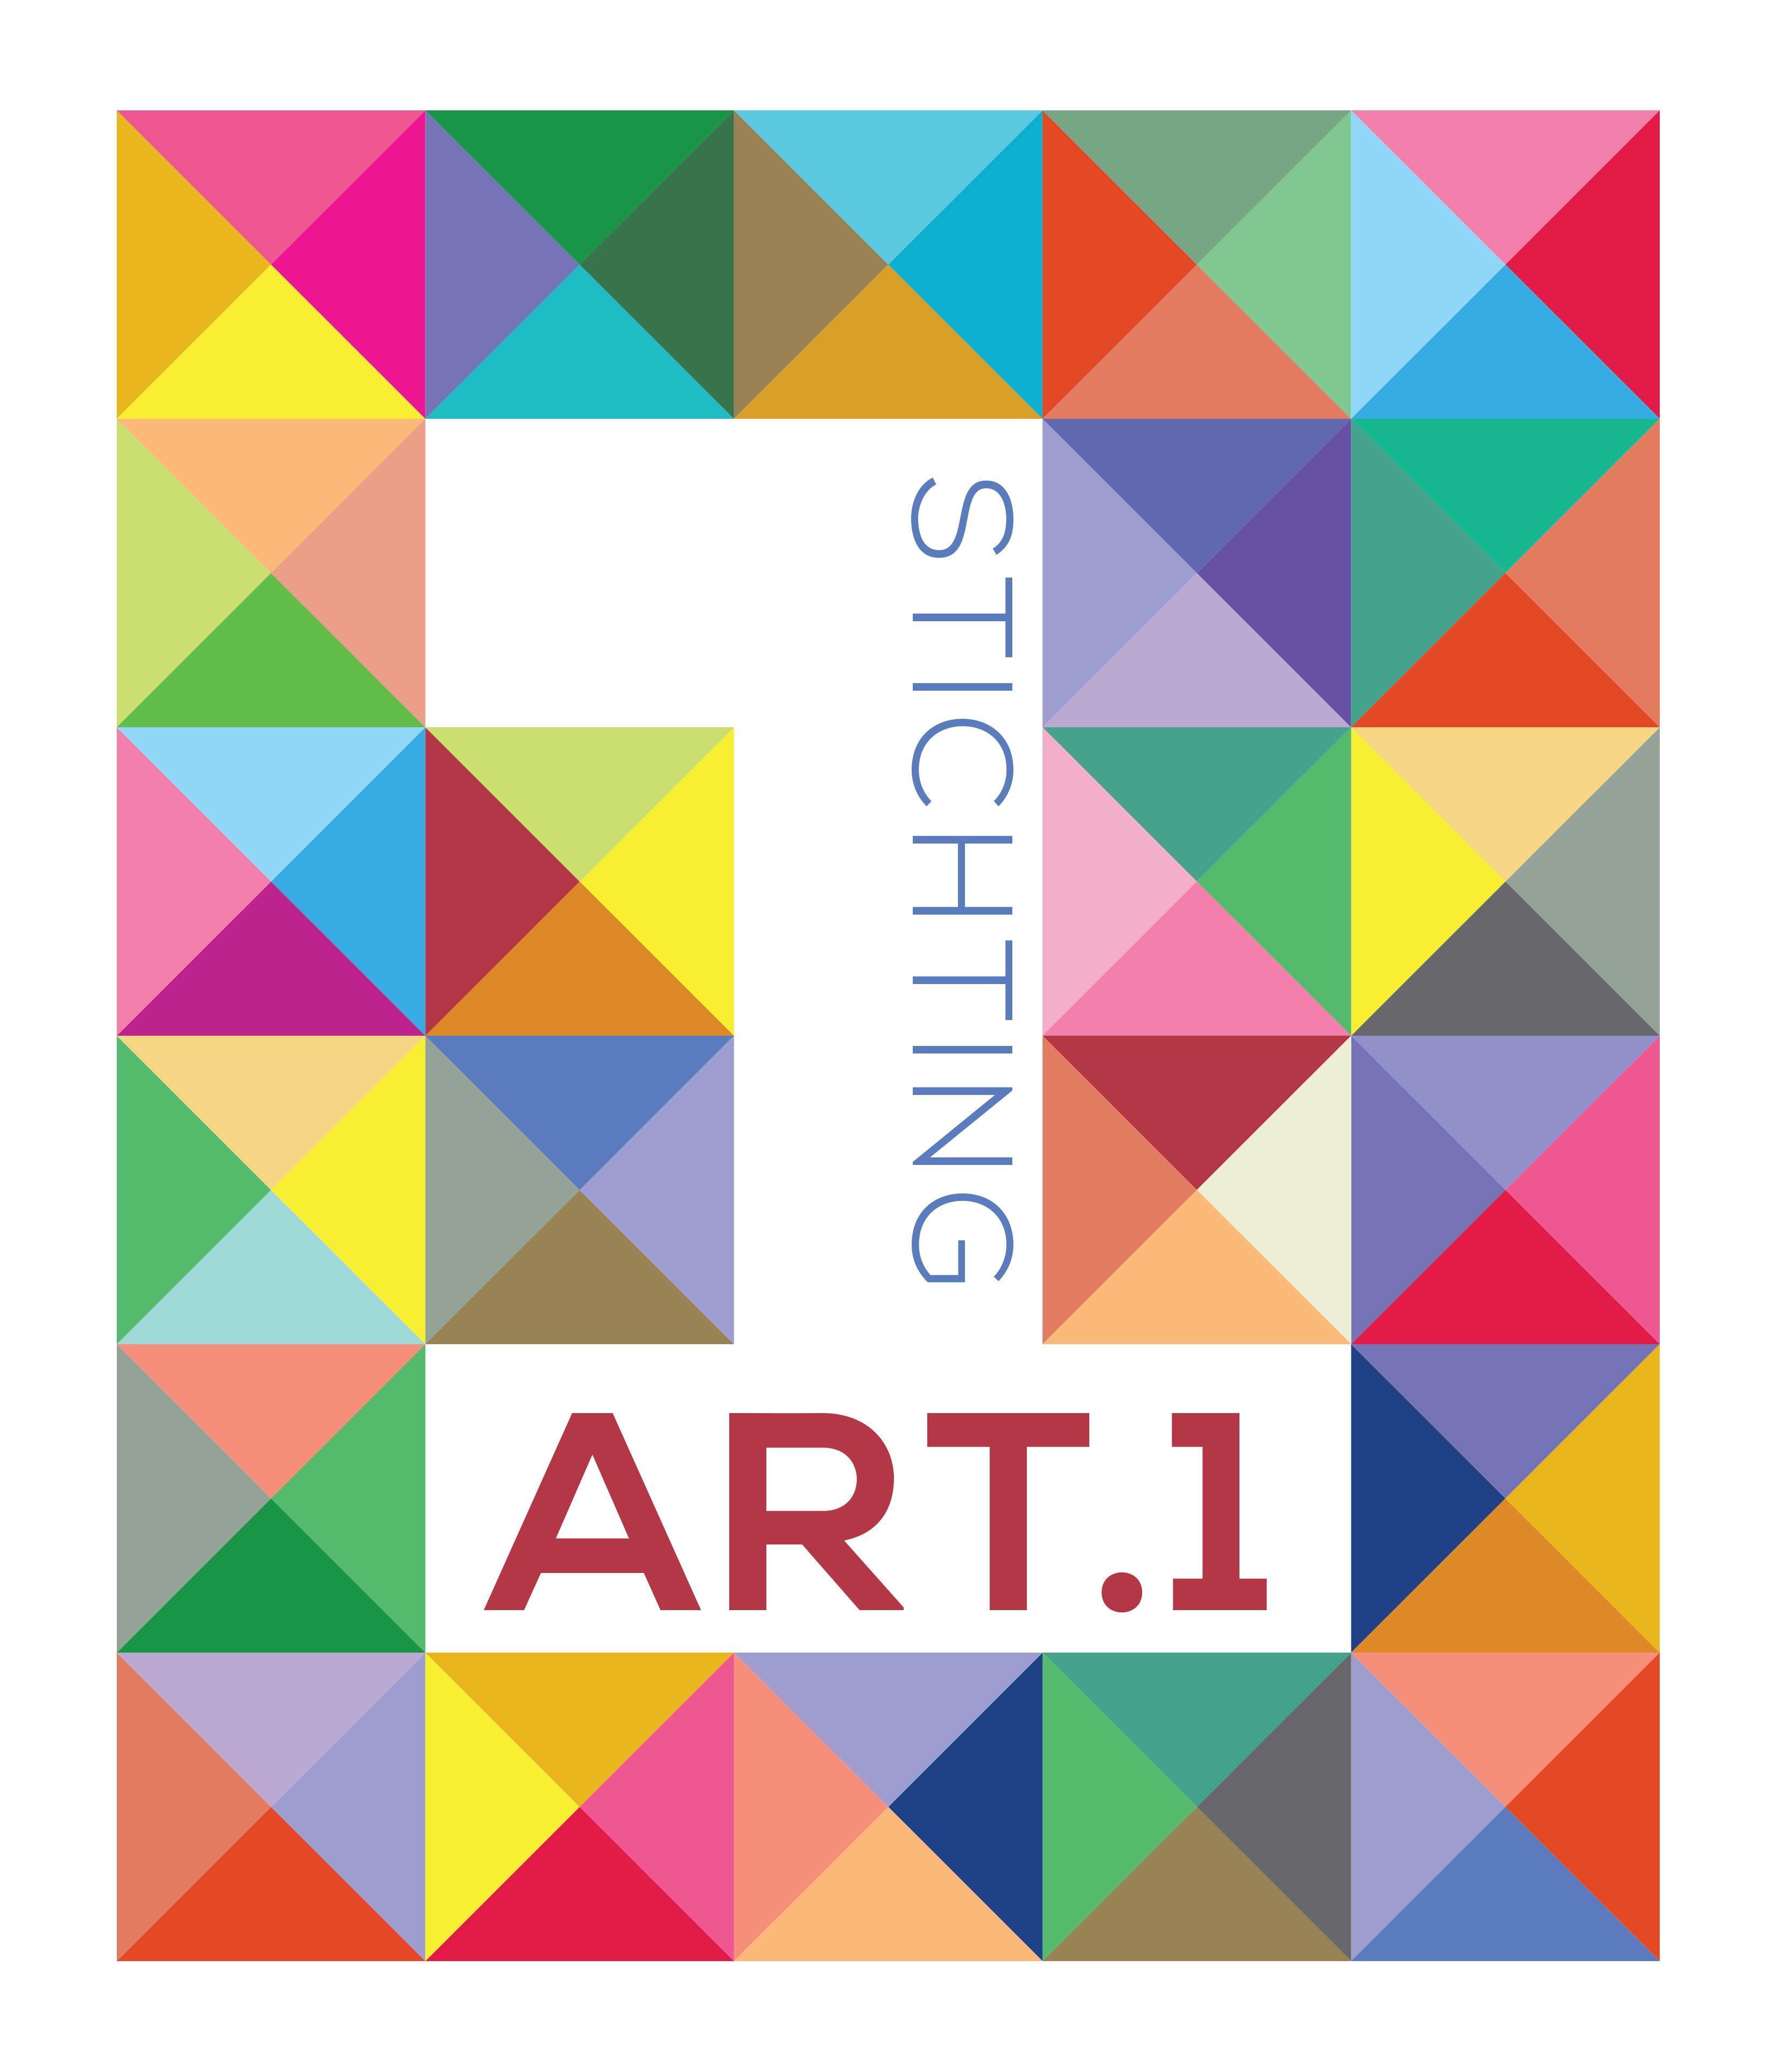 Stichting art.1